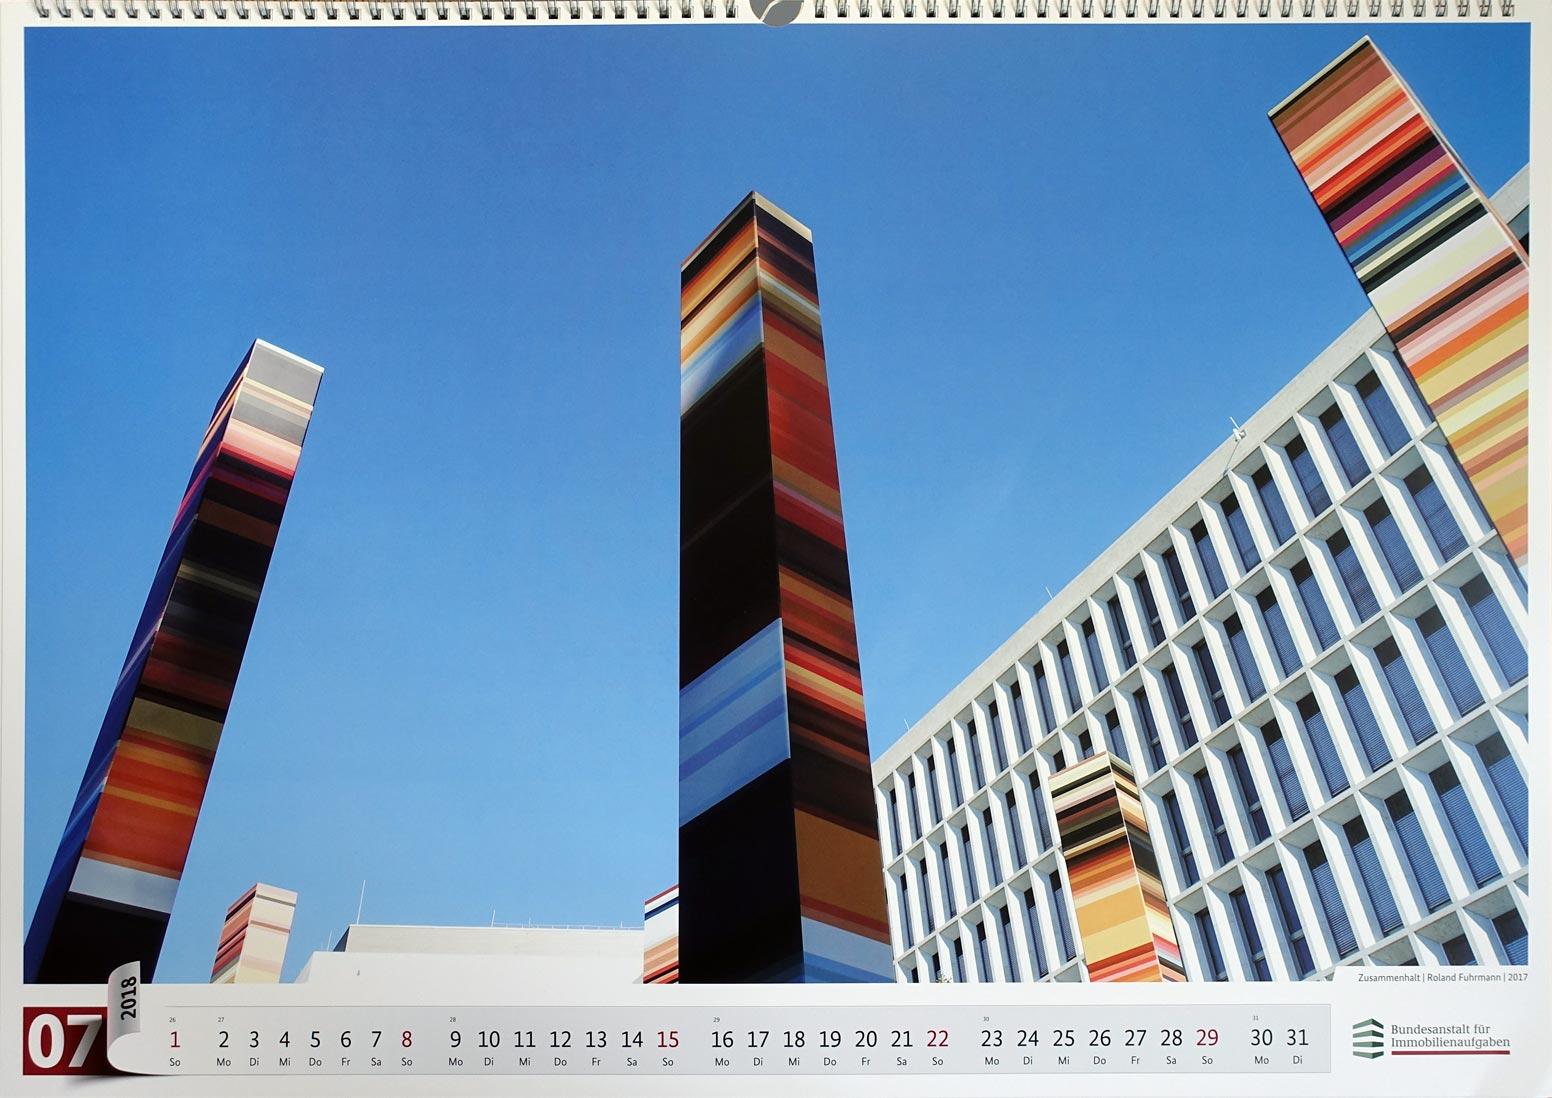 ZUSAMMENHALT, Roland Fuhrmann, Juli-Blatt im Kalender der Bundesanstalt für Immobilienaufgaben Bonn, 2018